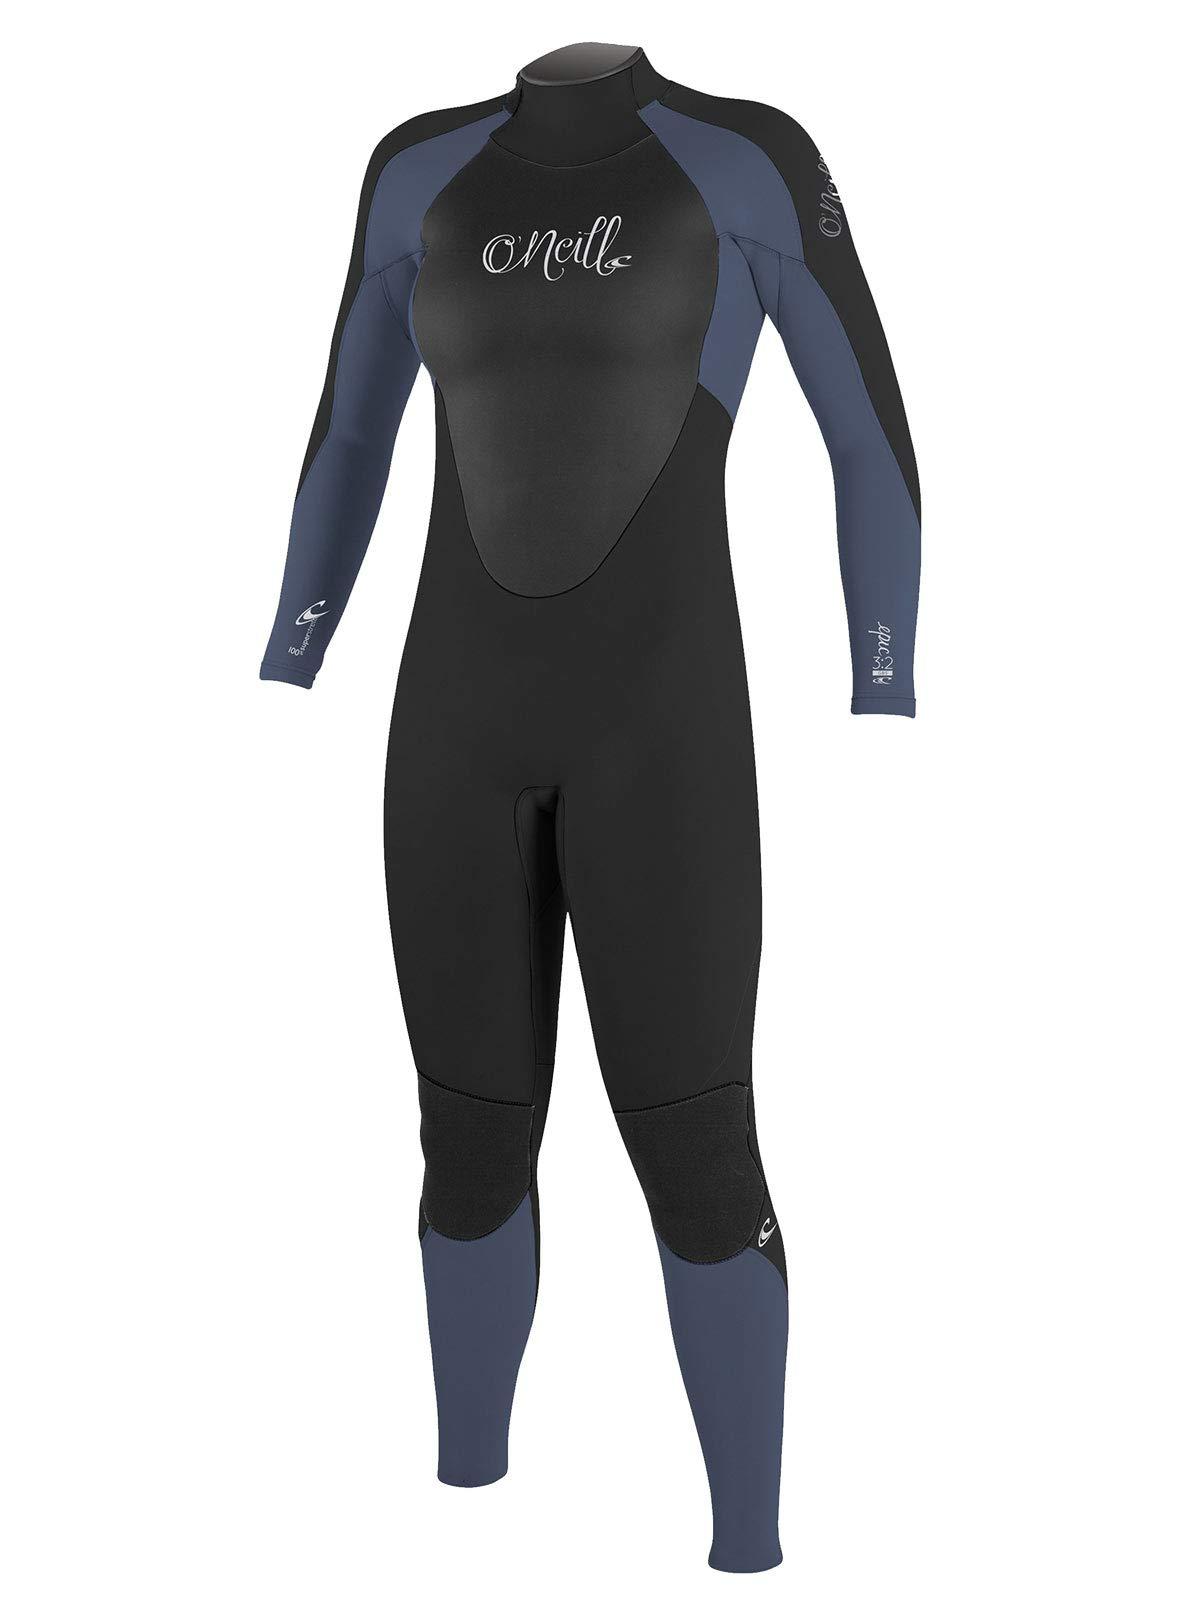 O'Neill Women's Epic 4/3mm Back Zip Full Wetsuit, Black/Mist/Oil, 4